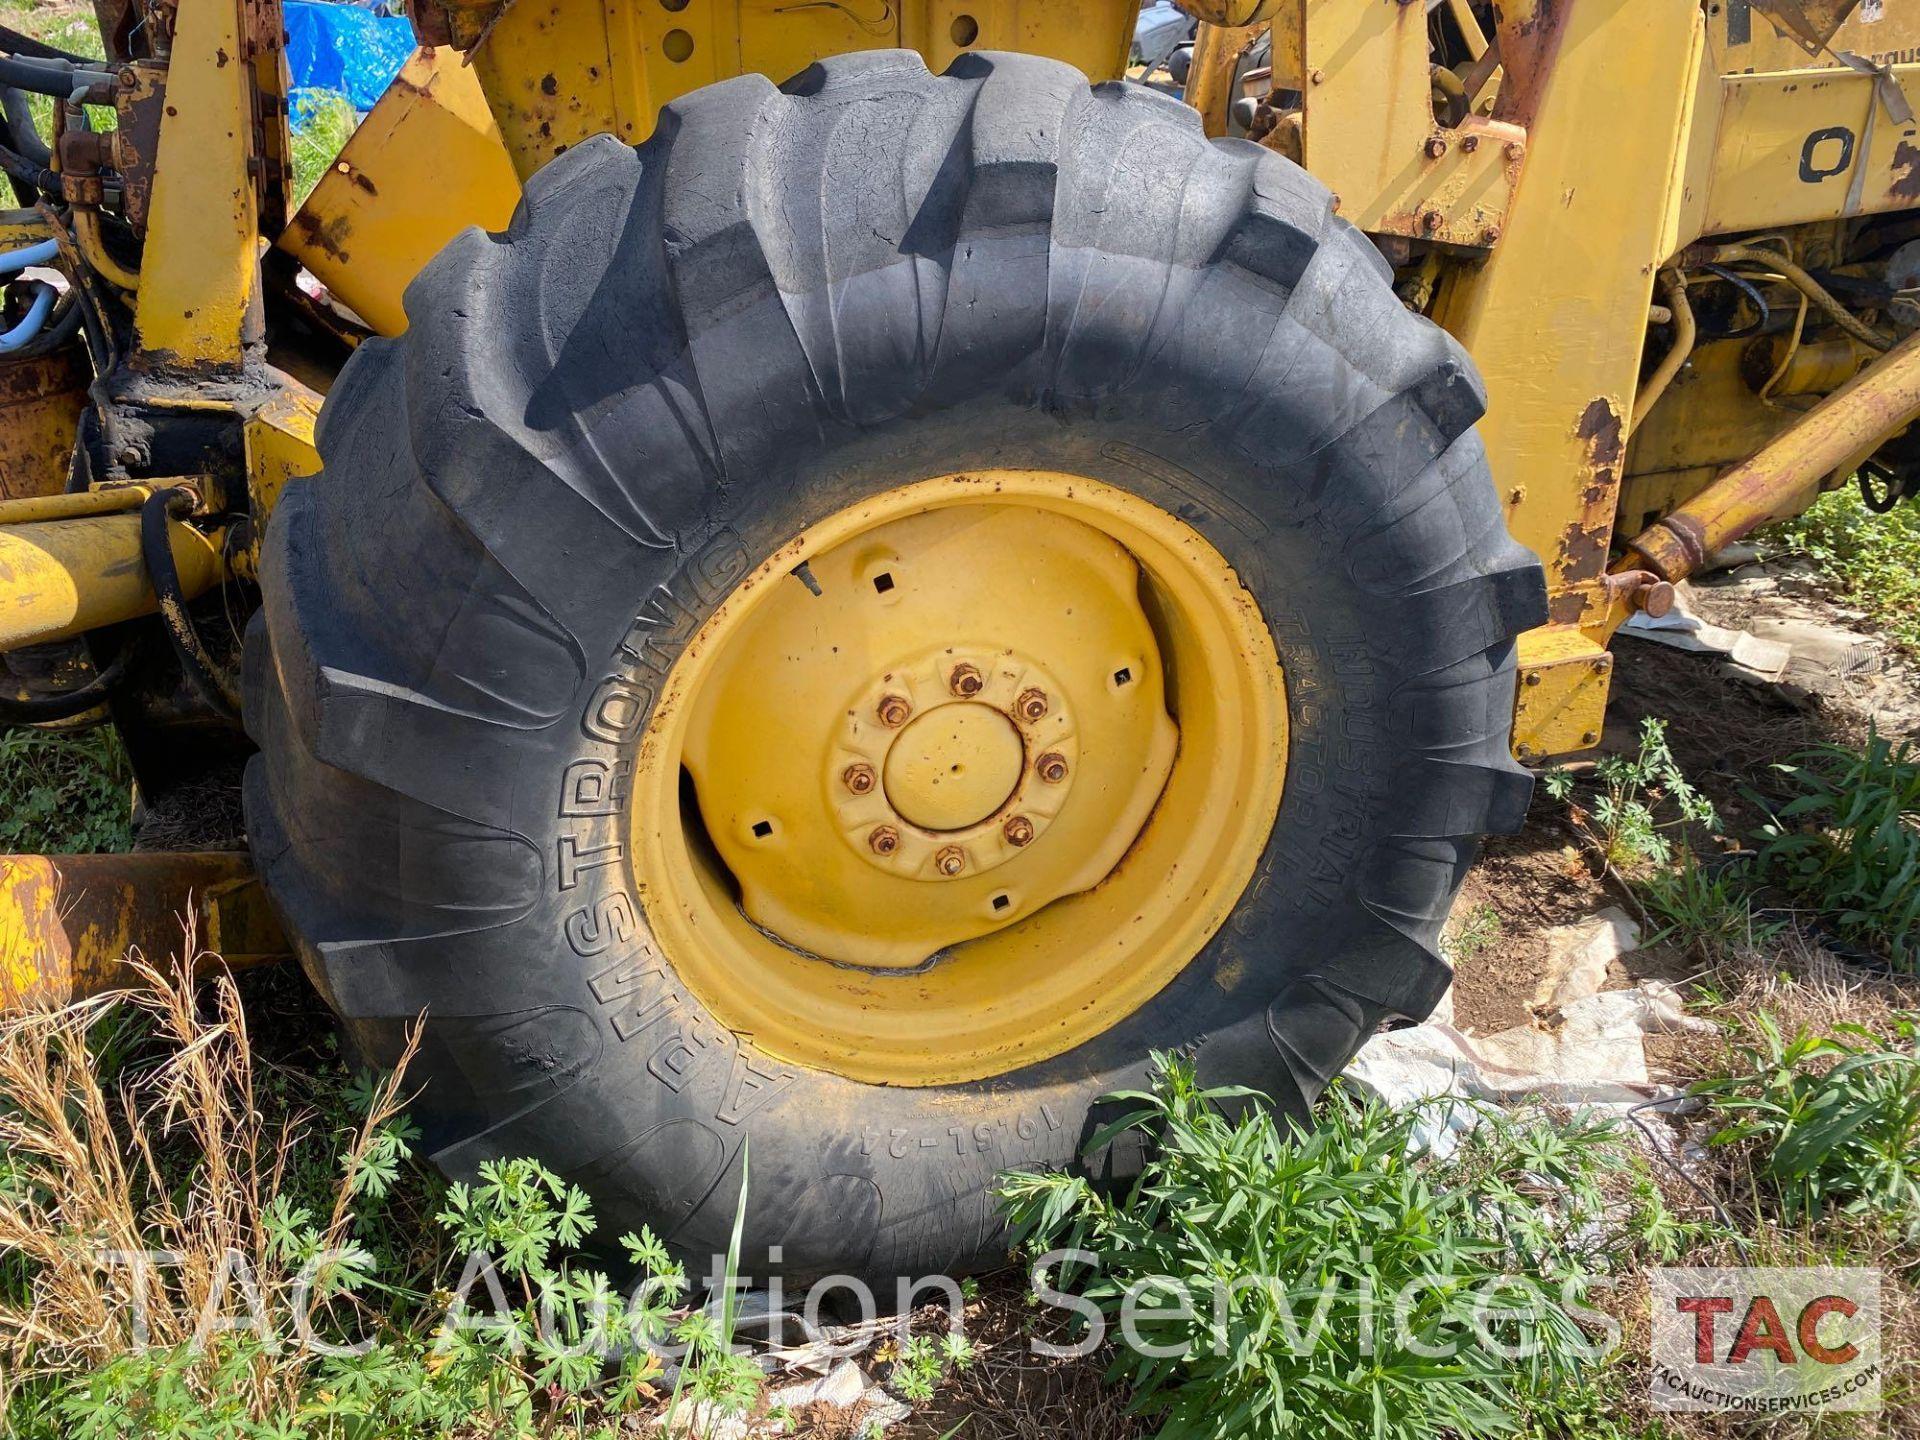 Massey Ferguson 50C Loader Backhoe - Image 44 of 45